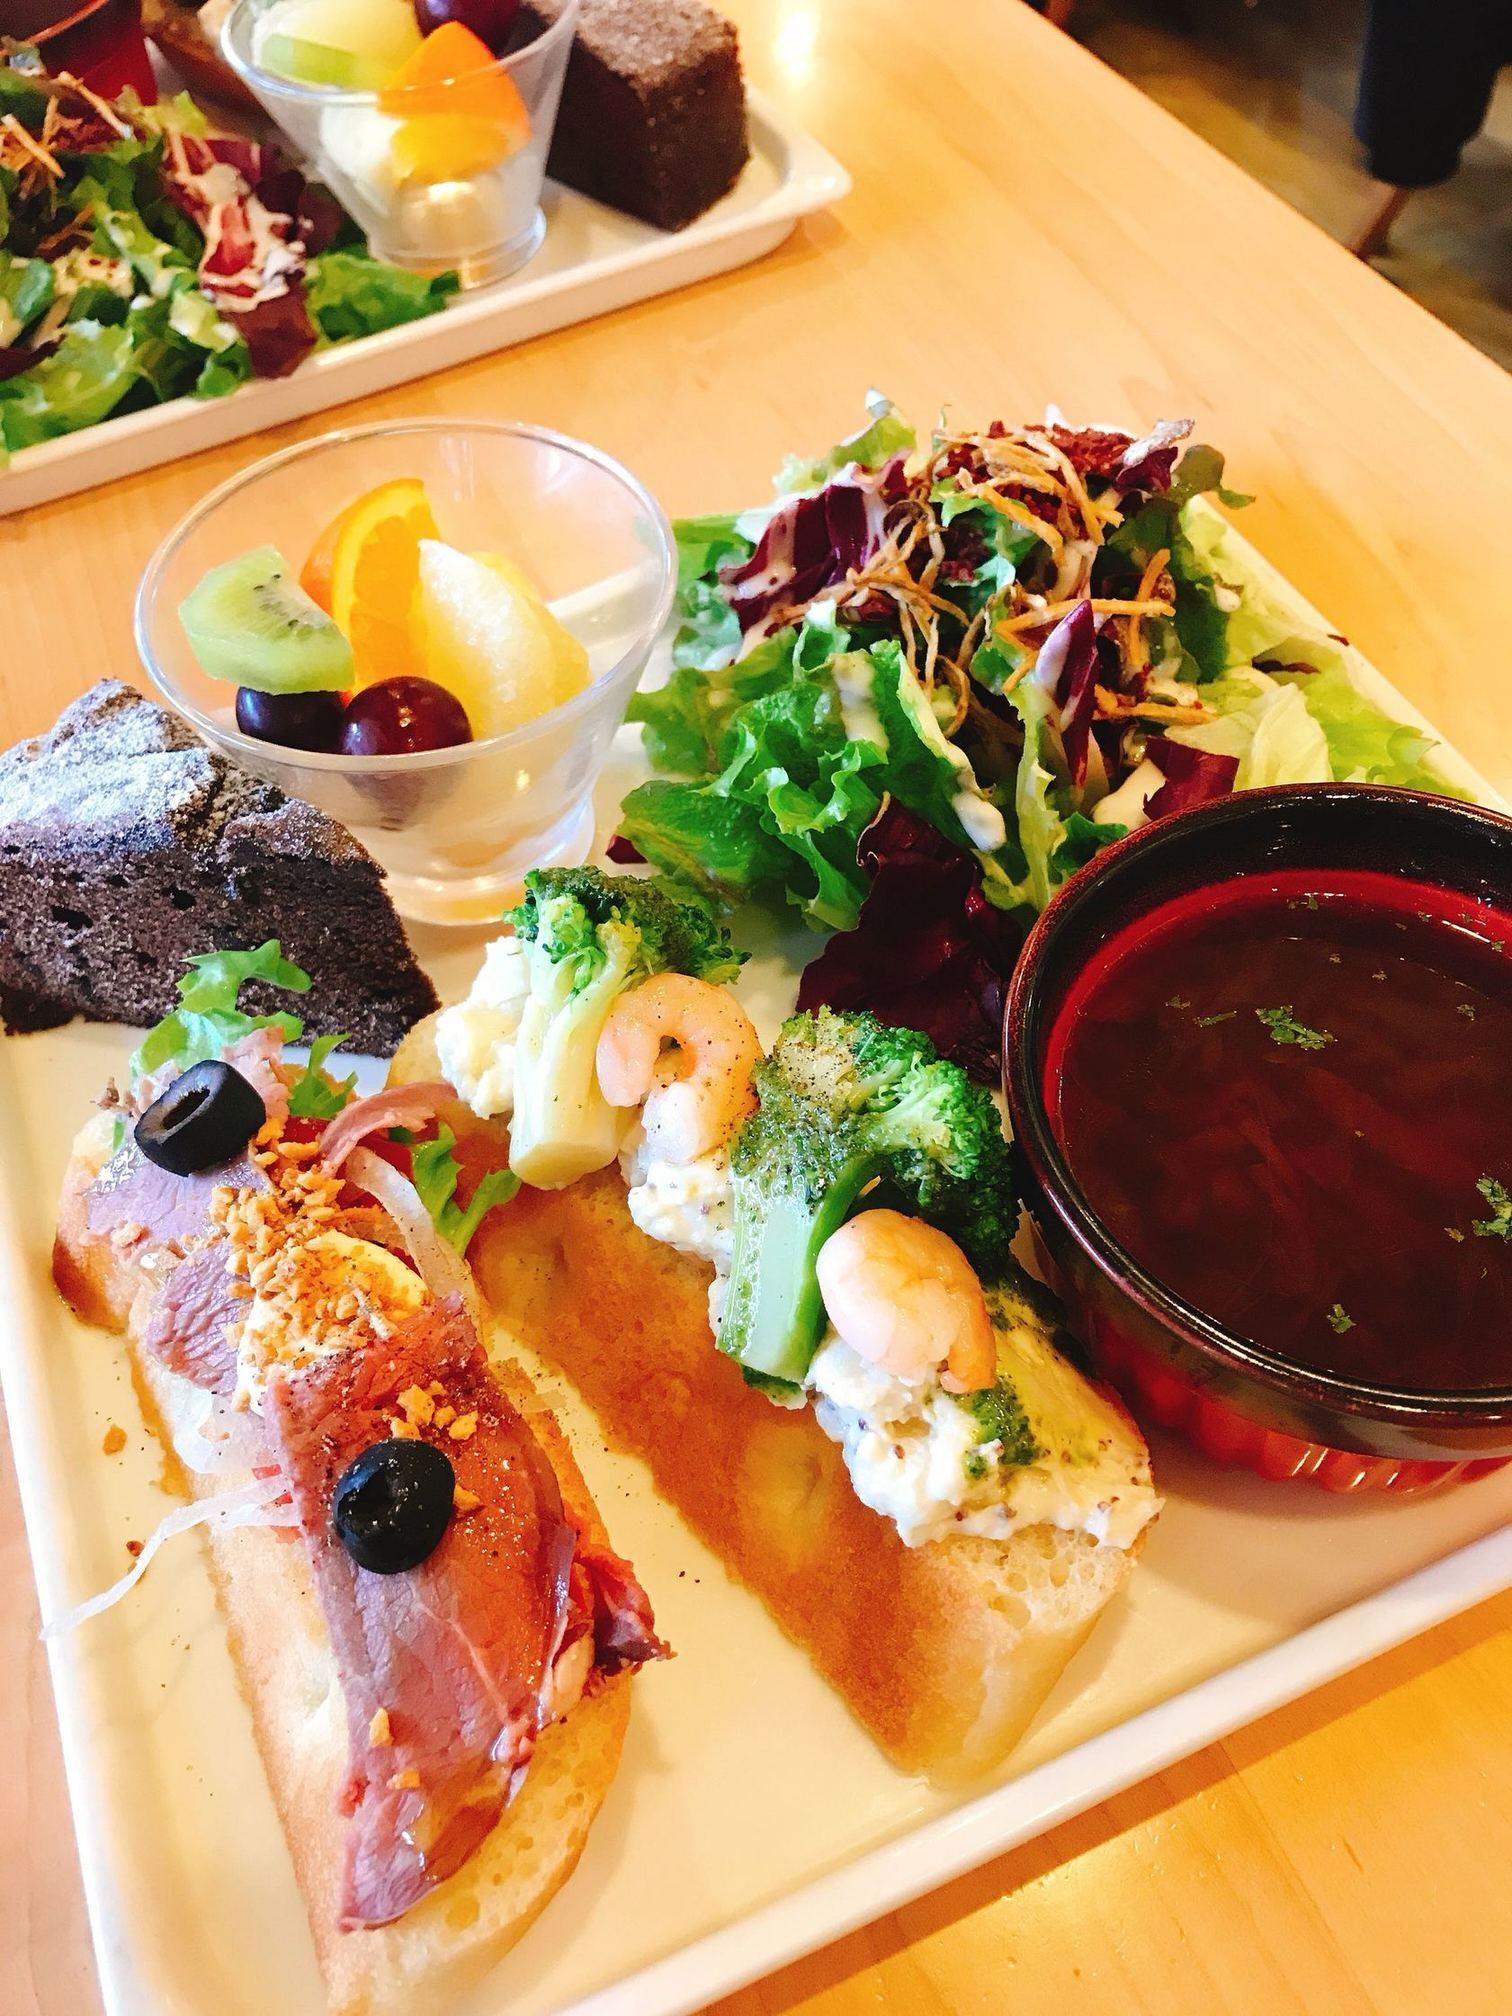 上野 の 森 パーク サイド カフェ